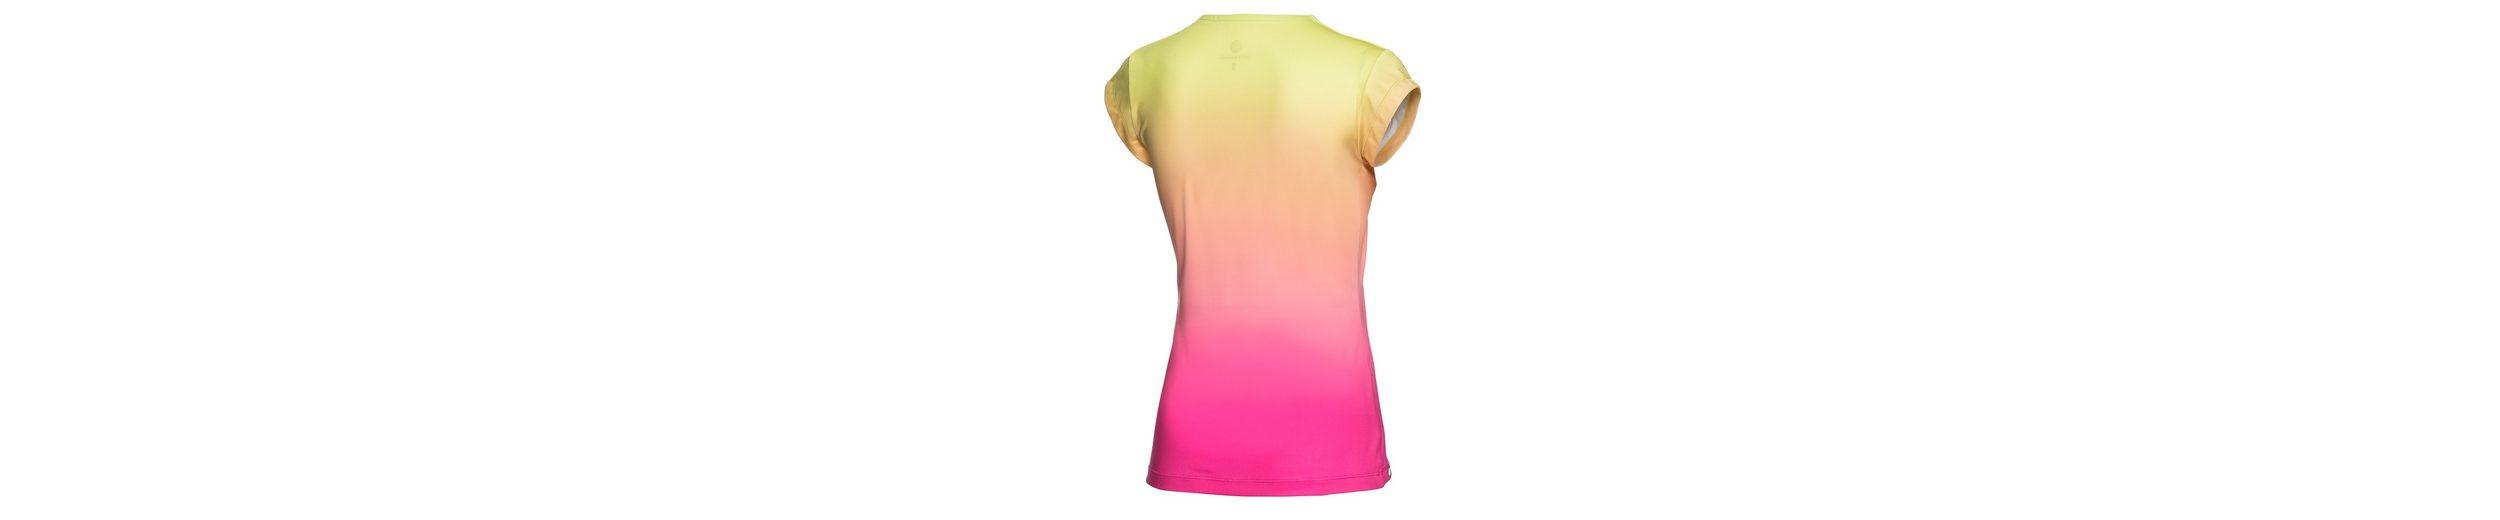 BIDI BADU T-Shirt Bella Rabatt Authentische Online Spielraum Klassisch Billig Manchester Outlet Online-Shop uN57qMkw